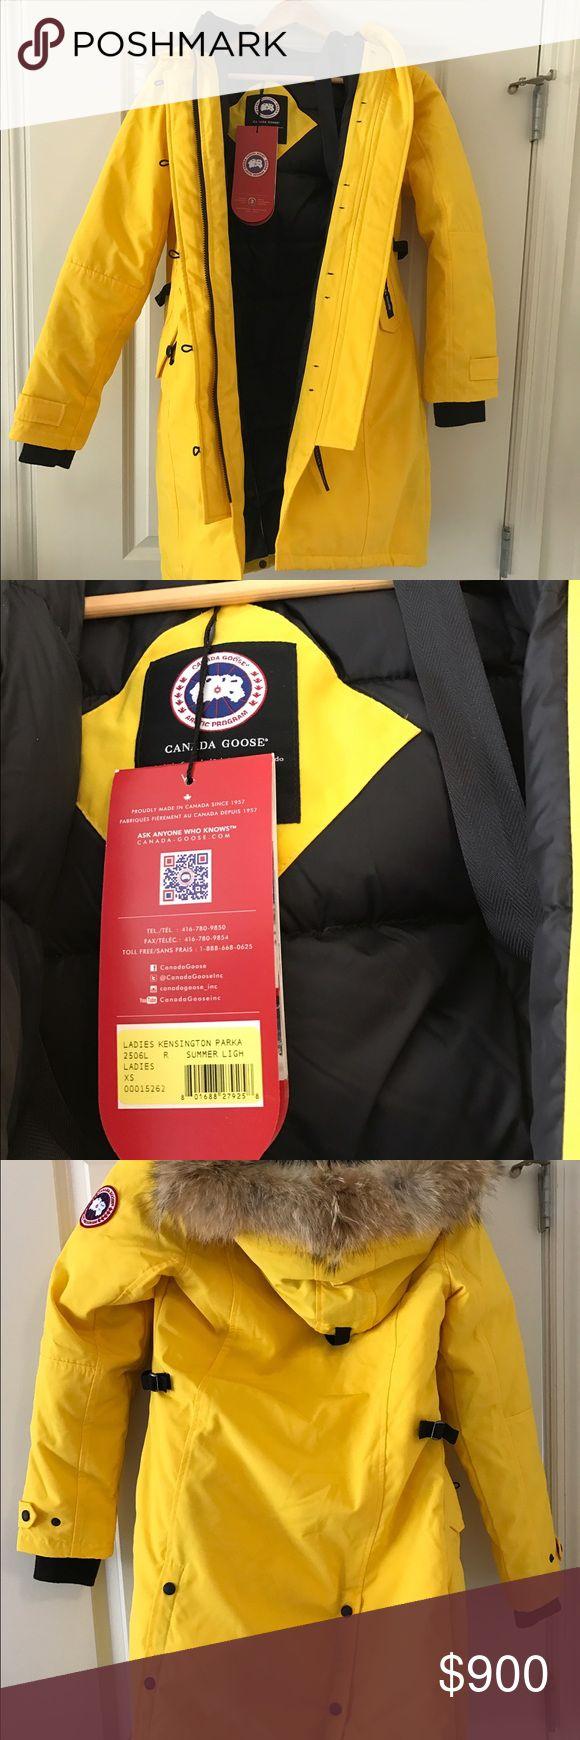 fedd9cc3a4846212dfeefddfa8c8a1cb--parka-canada-canada-goose-jackets.jpg